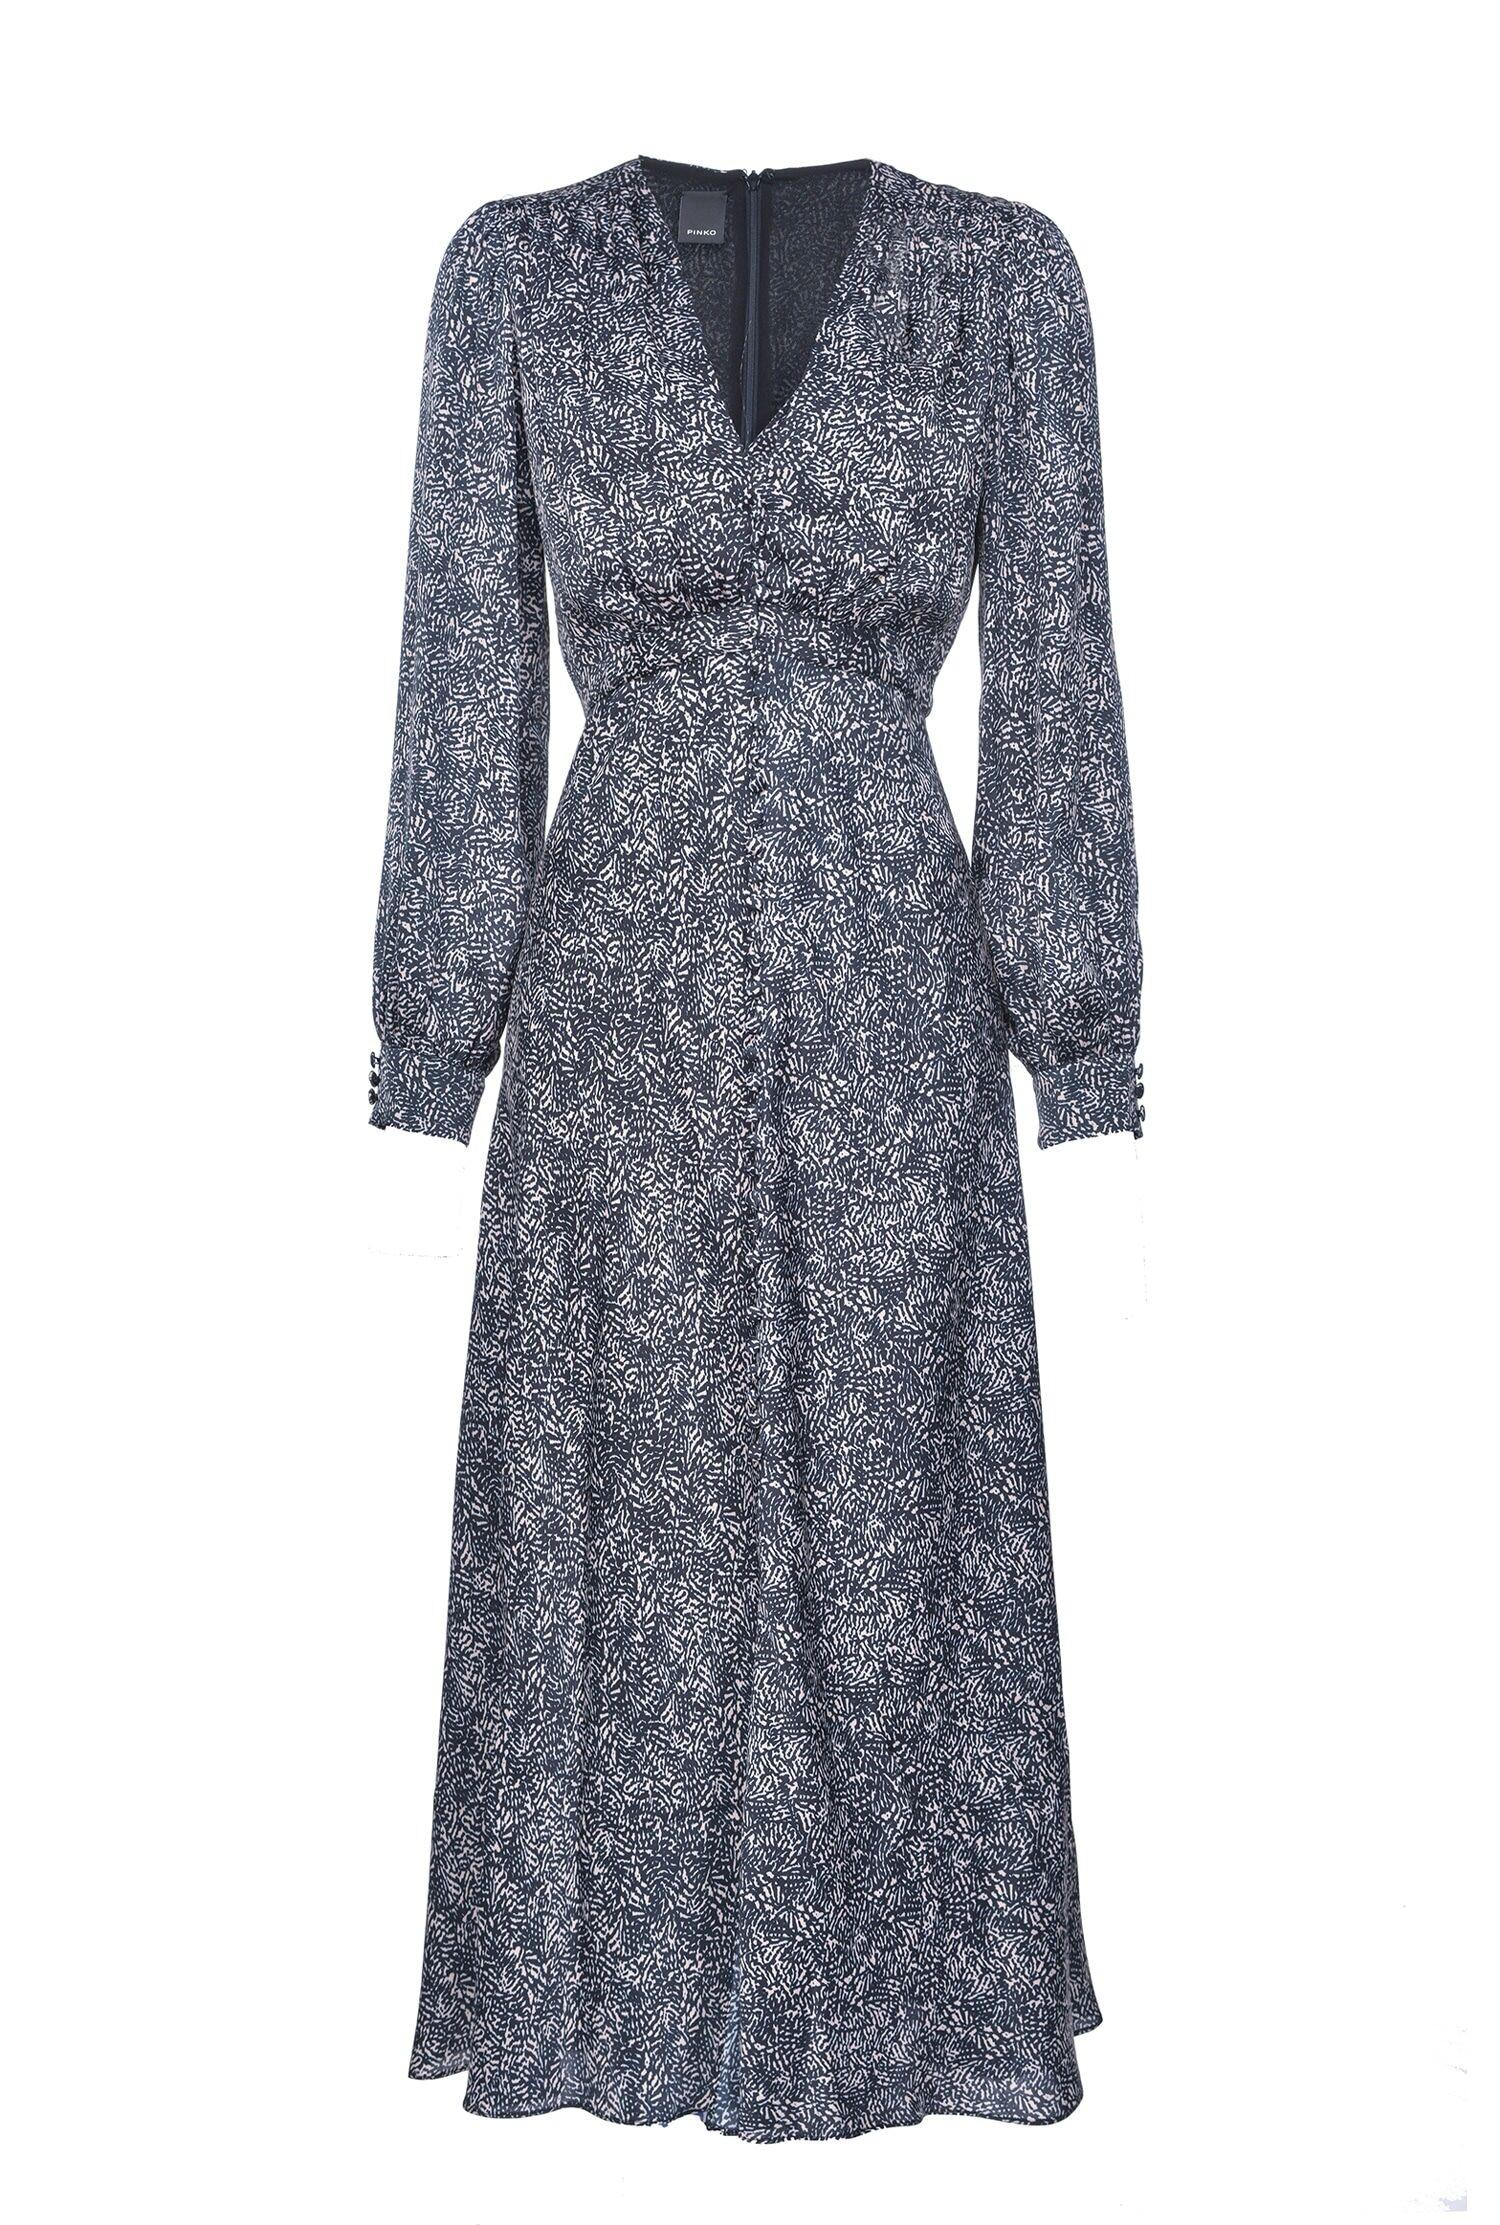 Long Dress In Printed Satin - Pinko